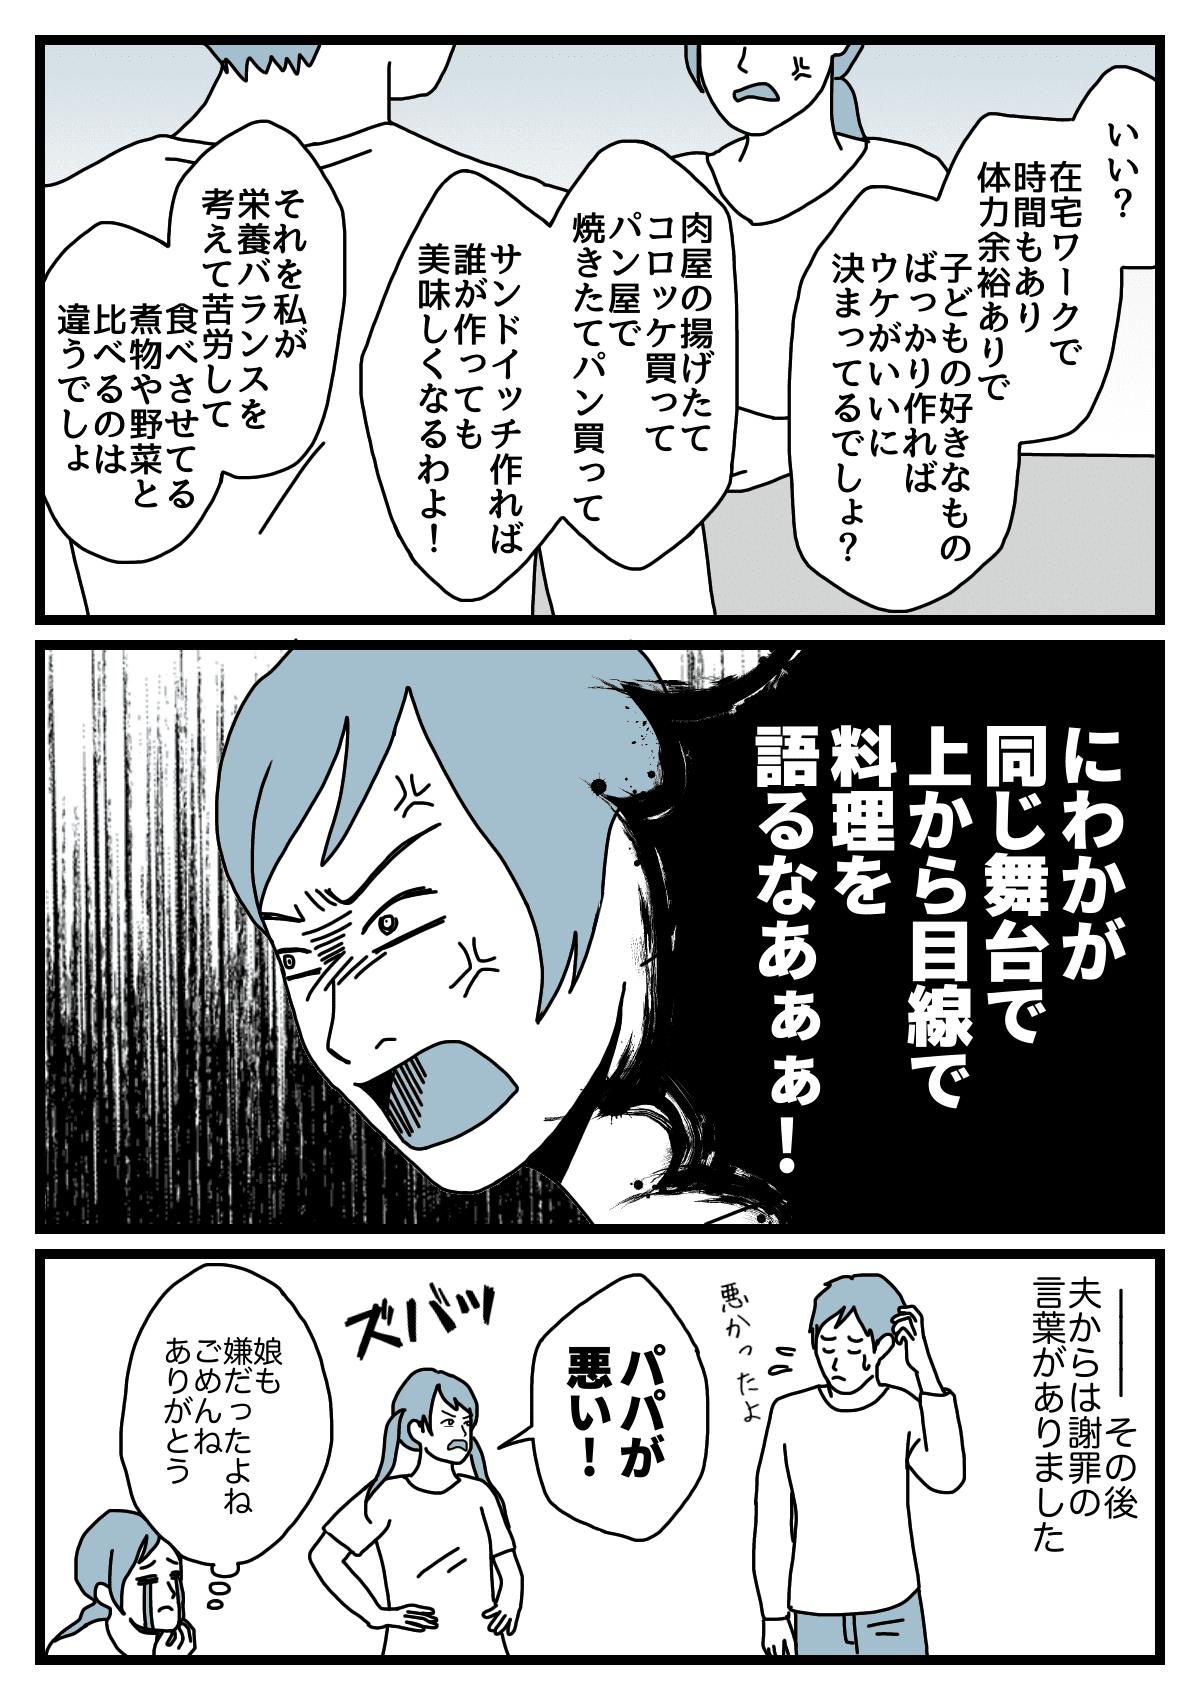 【後編】まずい3